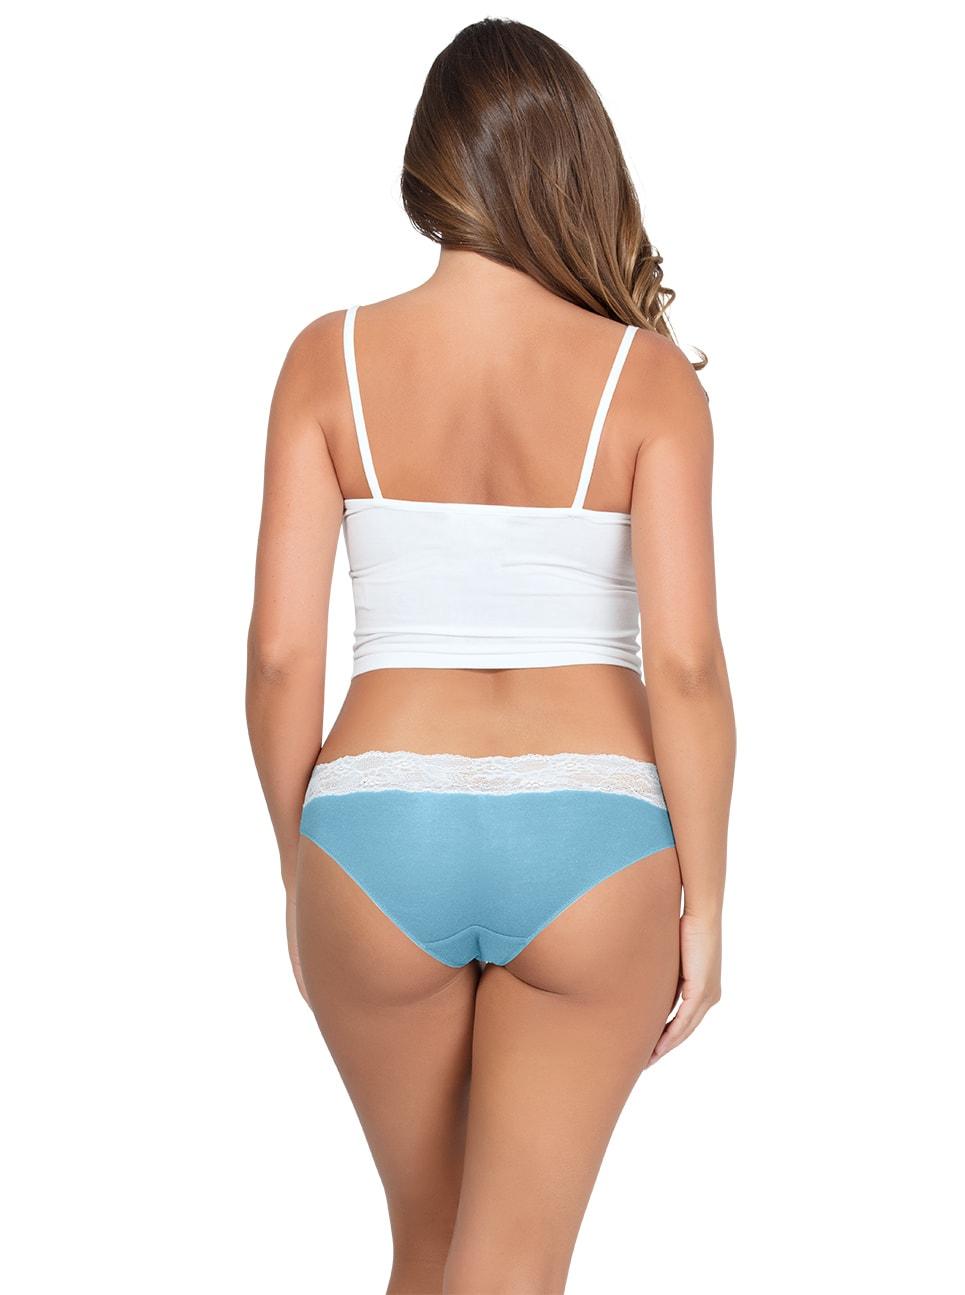 PARFAIT ParfaitPanty SoEssential BikiniPP303 SkyBlueIvory Back copy - Parfait Panty So Essential Bikini- Skyblue - PP303